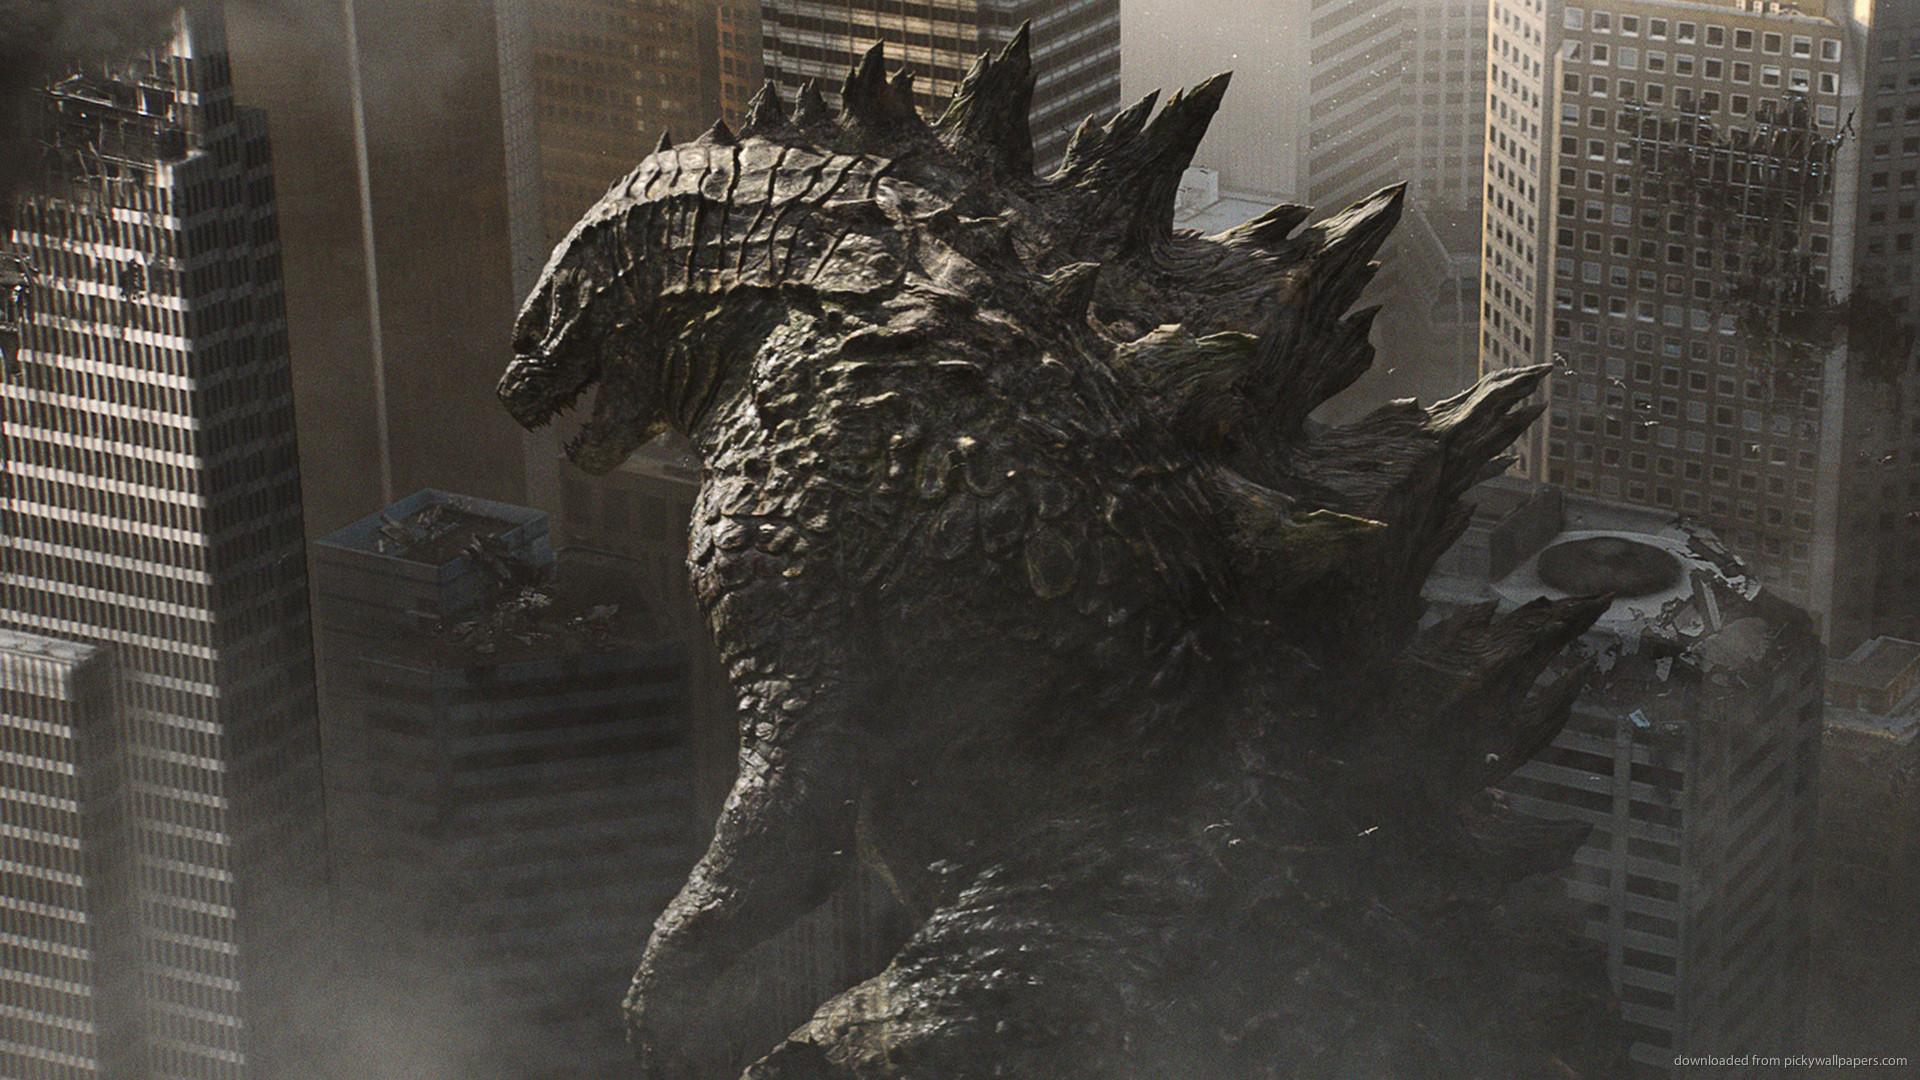 Godzilla Crushing The City picture